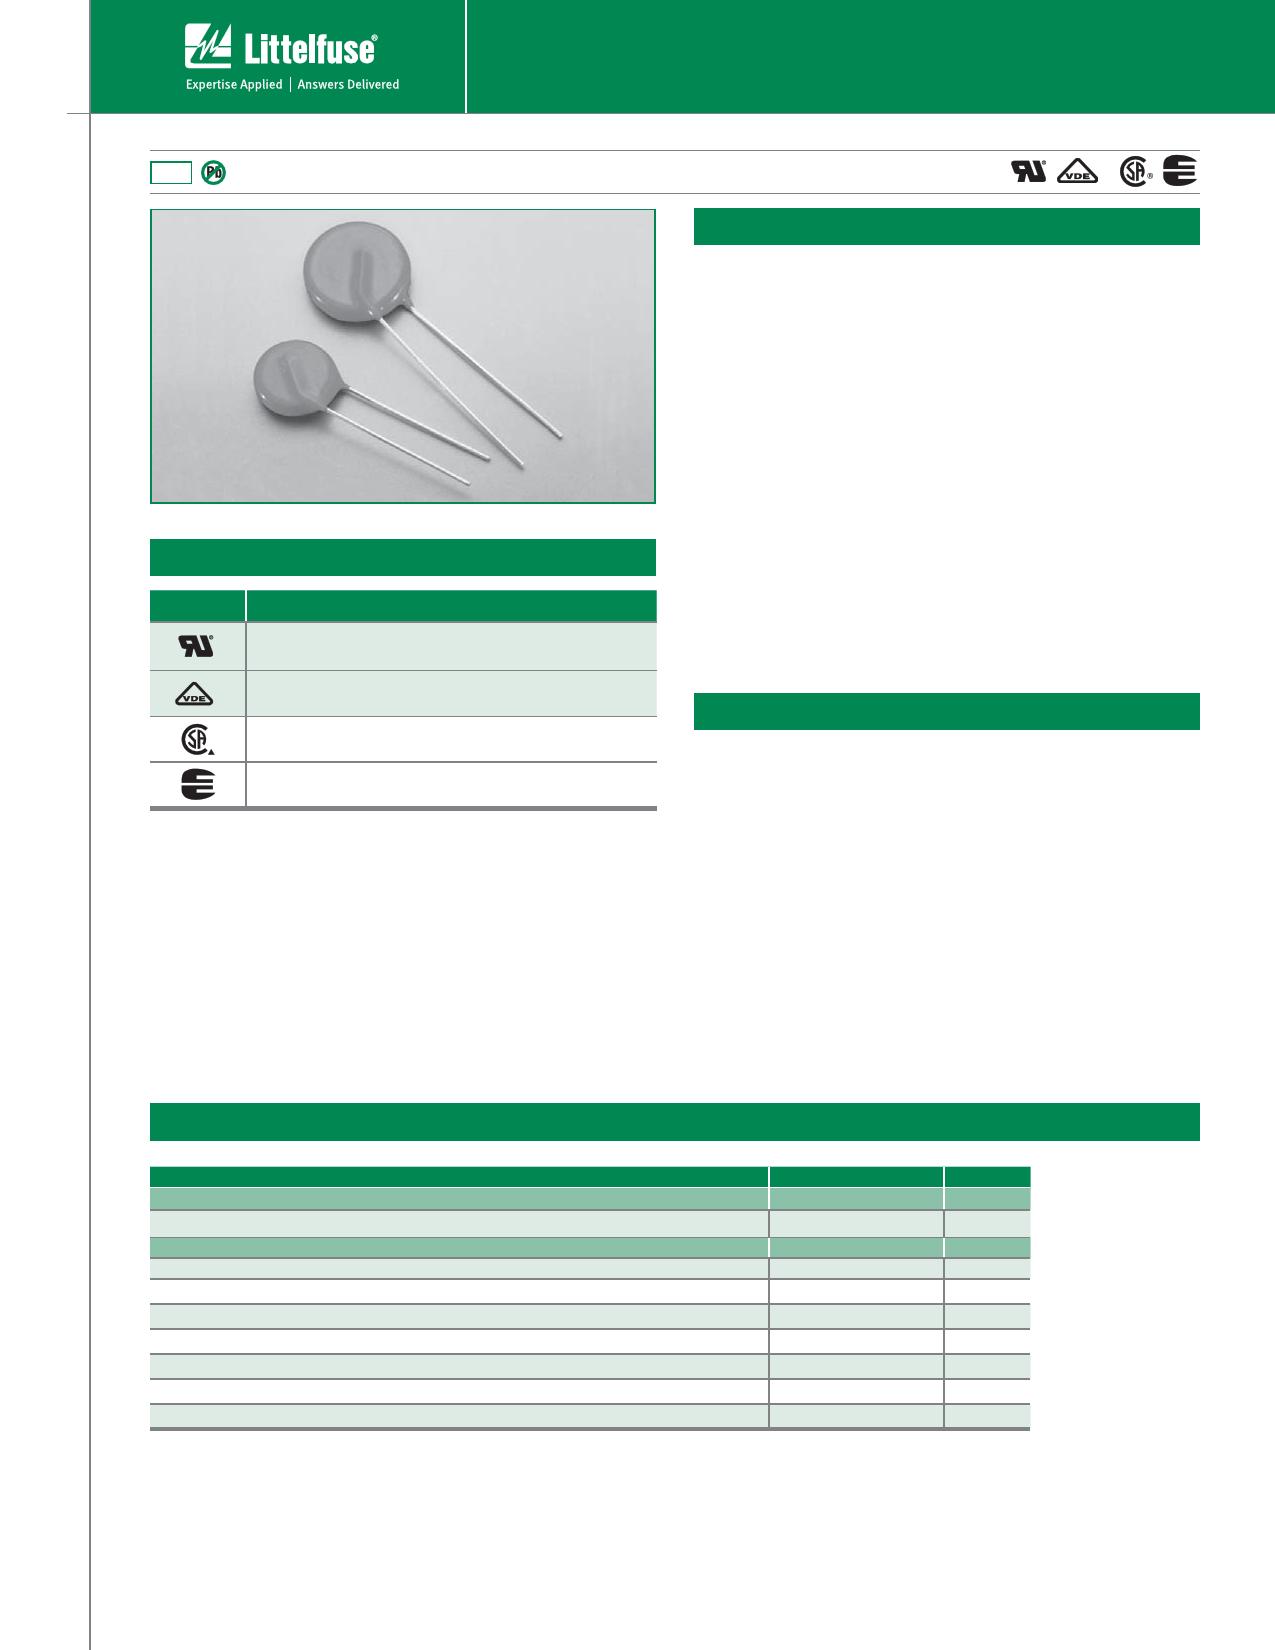 V07E175 datasheet